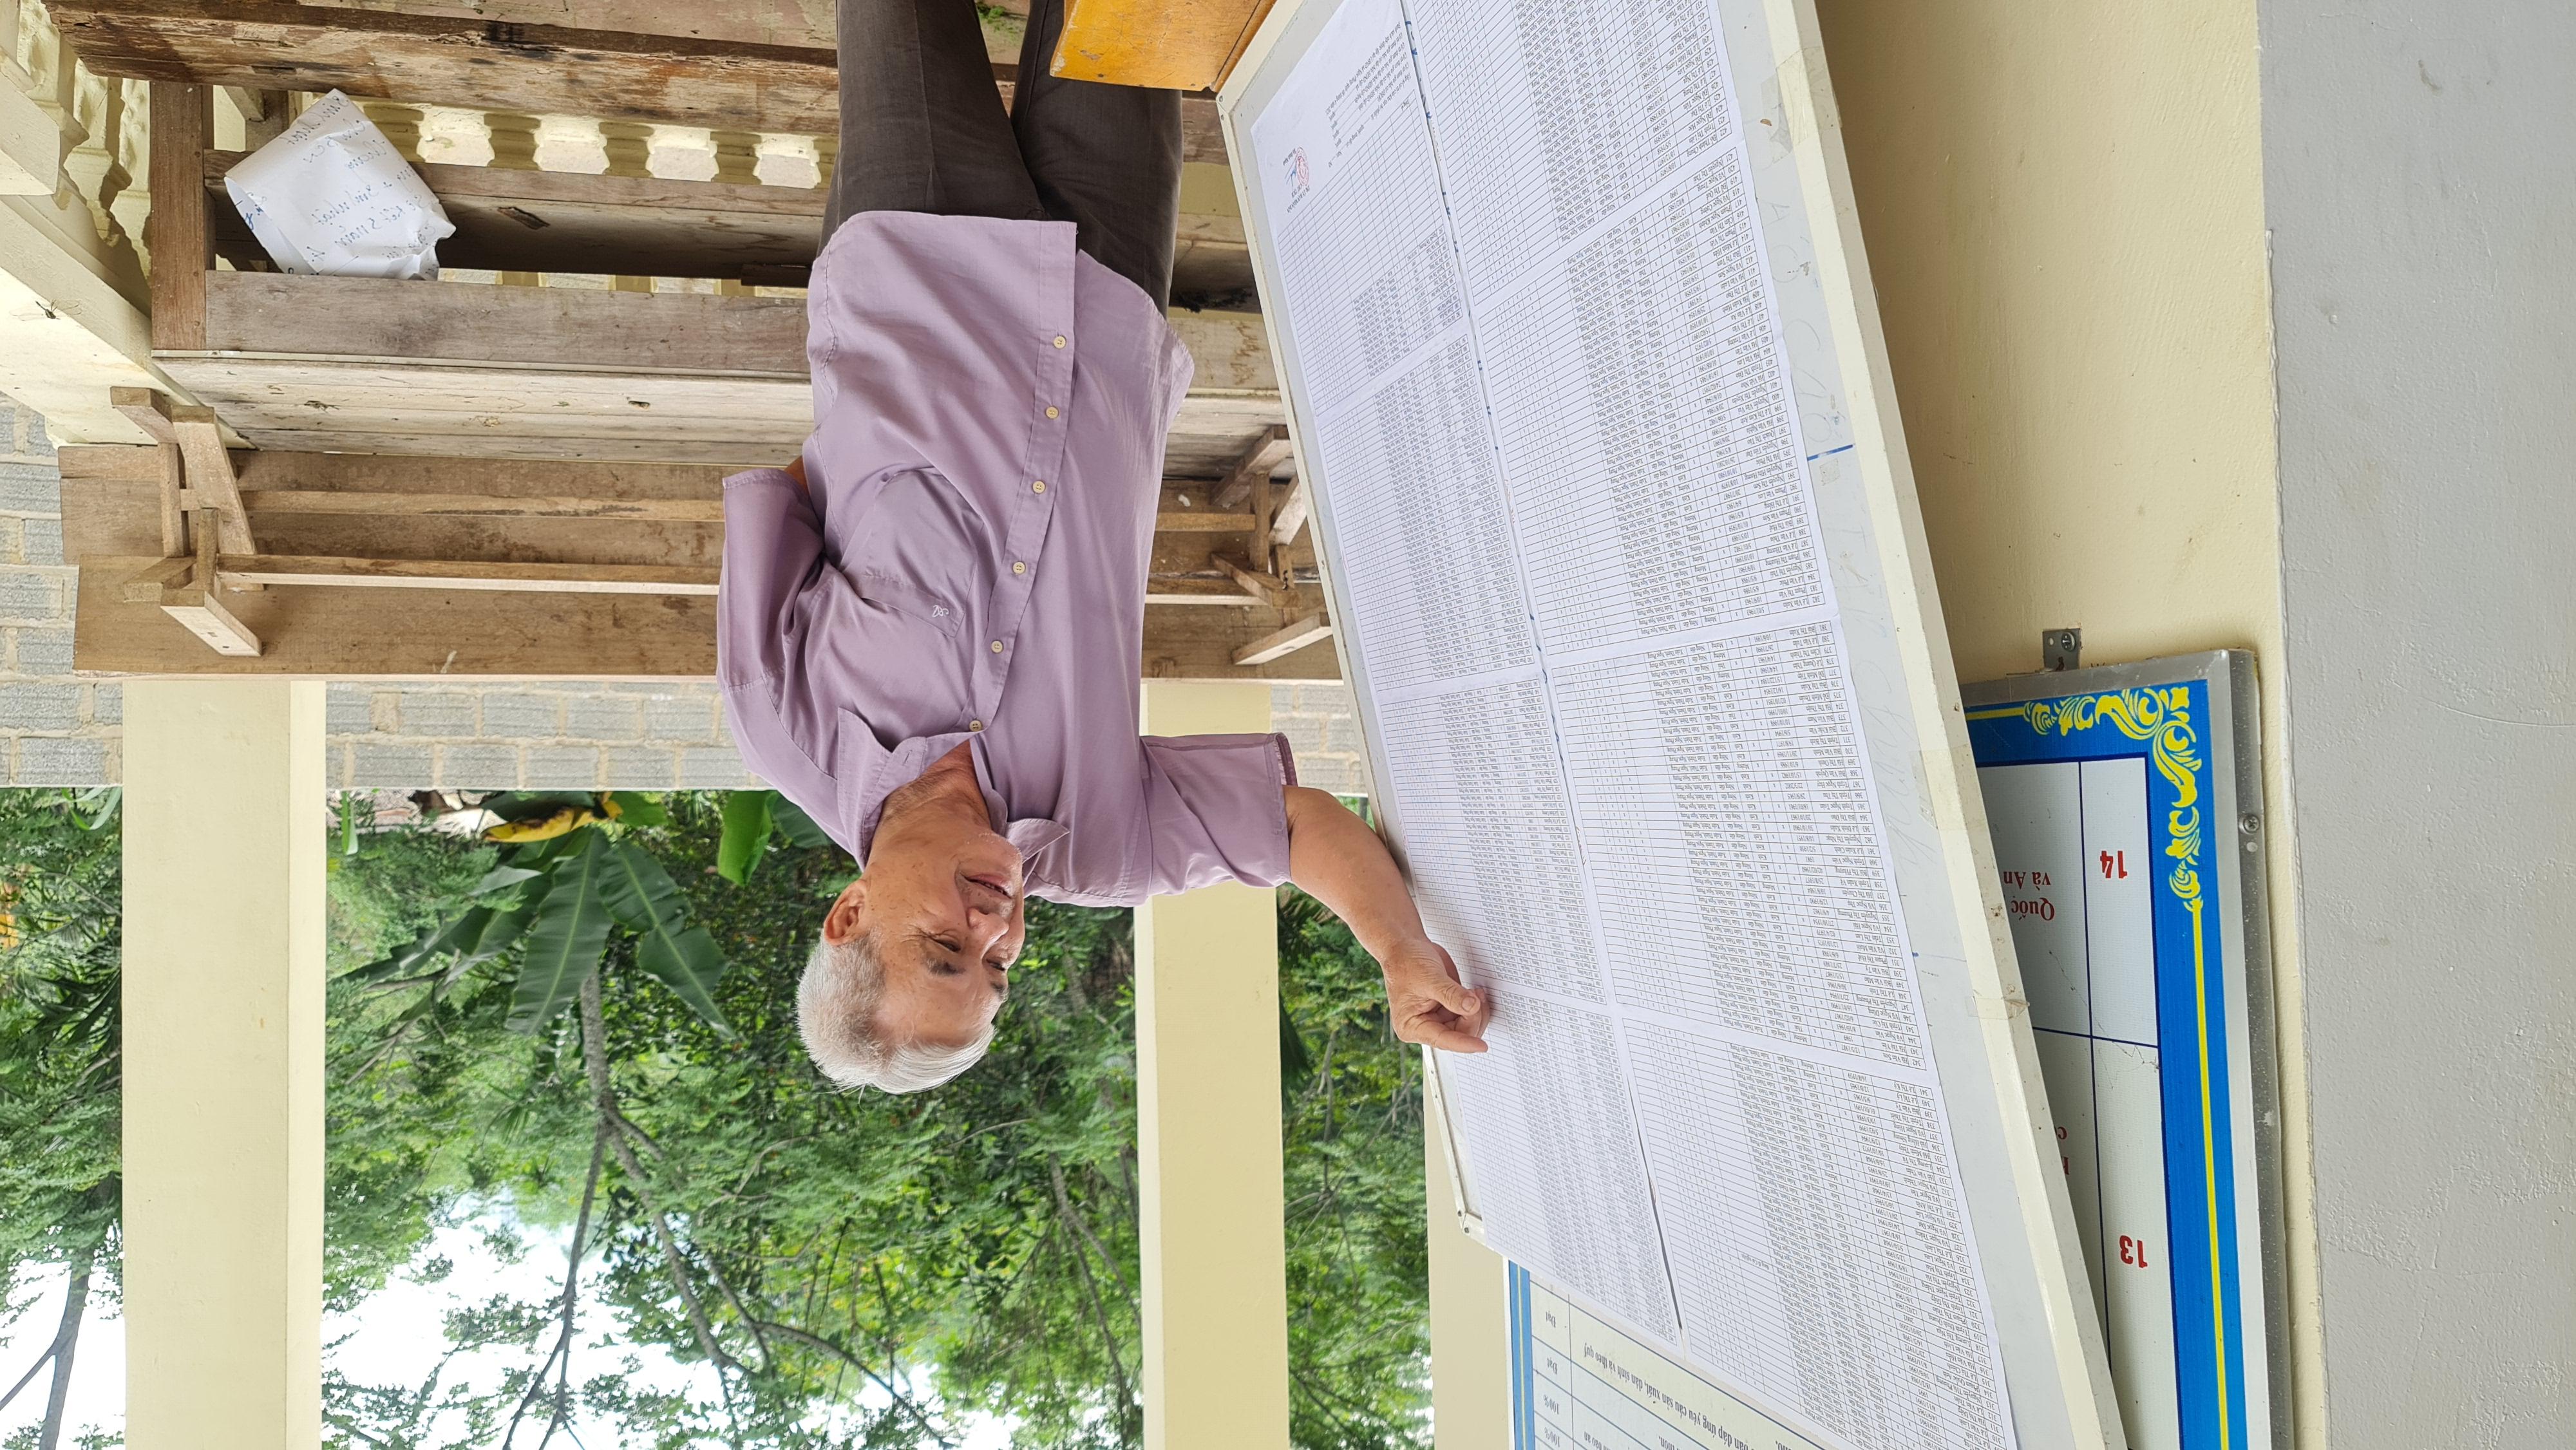 Ông Lê Đức Tiến giới thiệu về danh sách niêm yết cử tri tại Nhà văn hóa thôn Xuân Thành, xã Ngọc Phụng, huyện Thường Xuân.